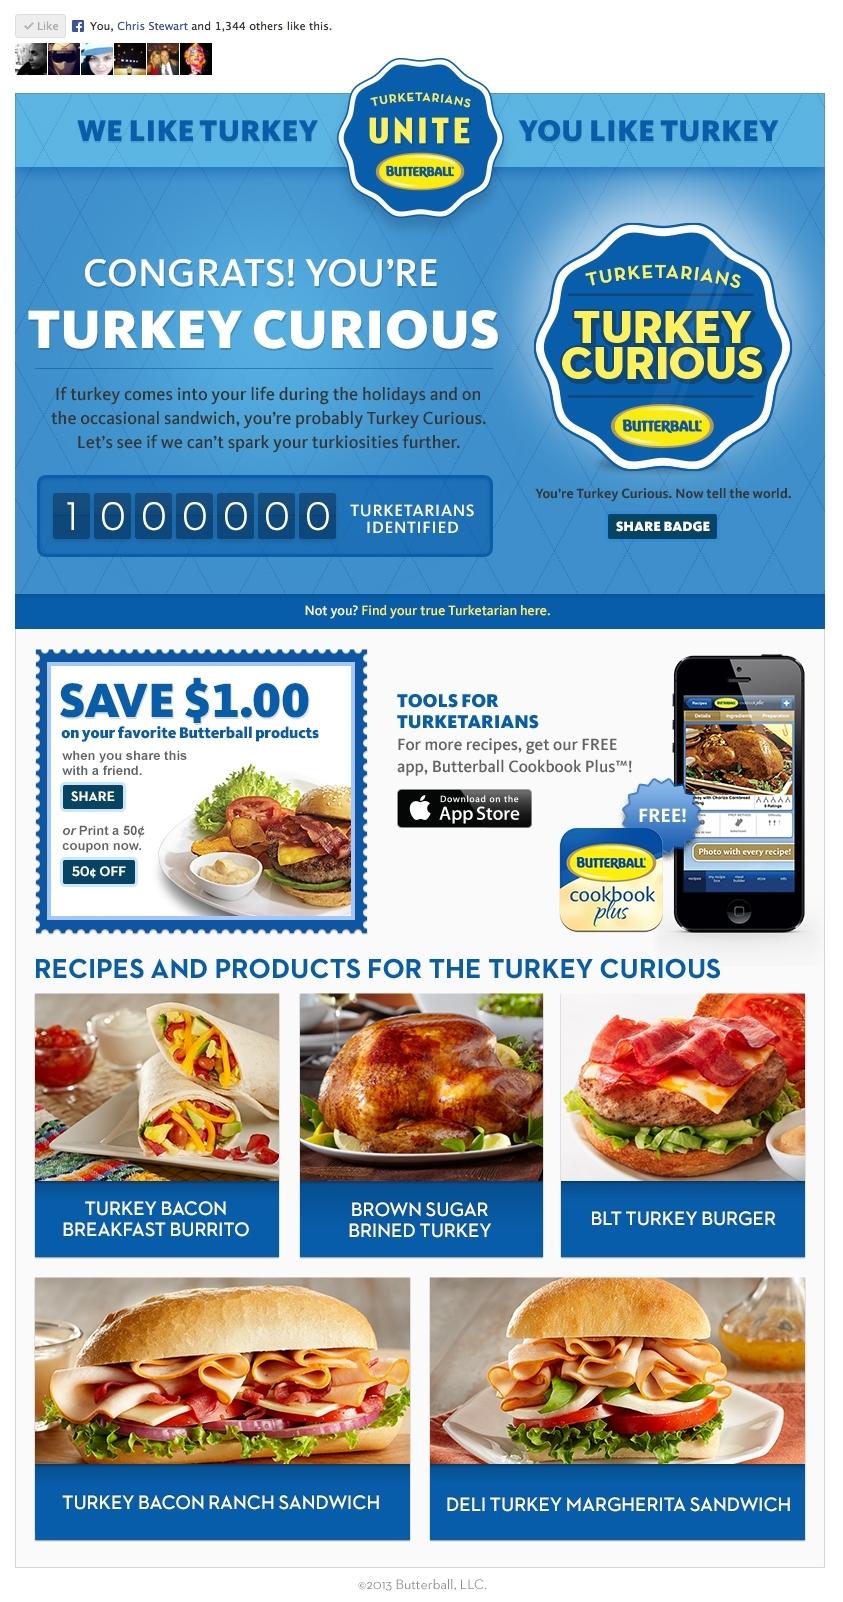 Turketaruan_0011_4 Congrats - Turkey Curious.jpg